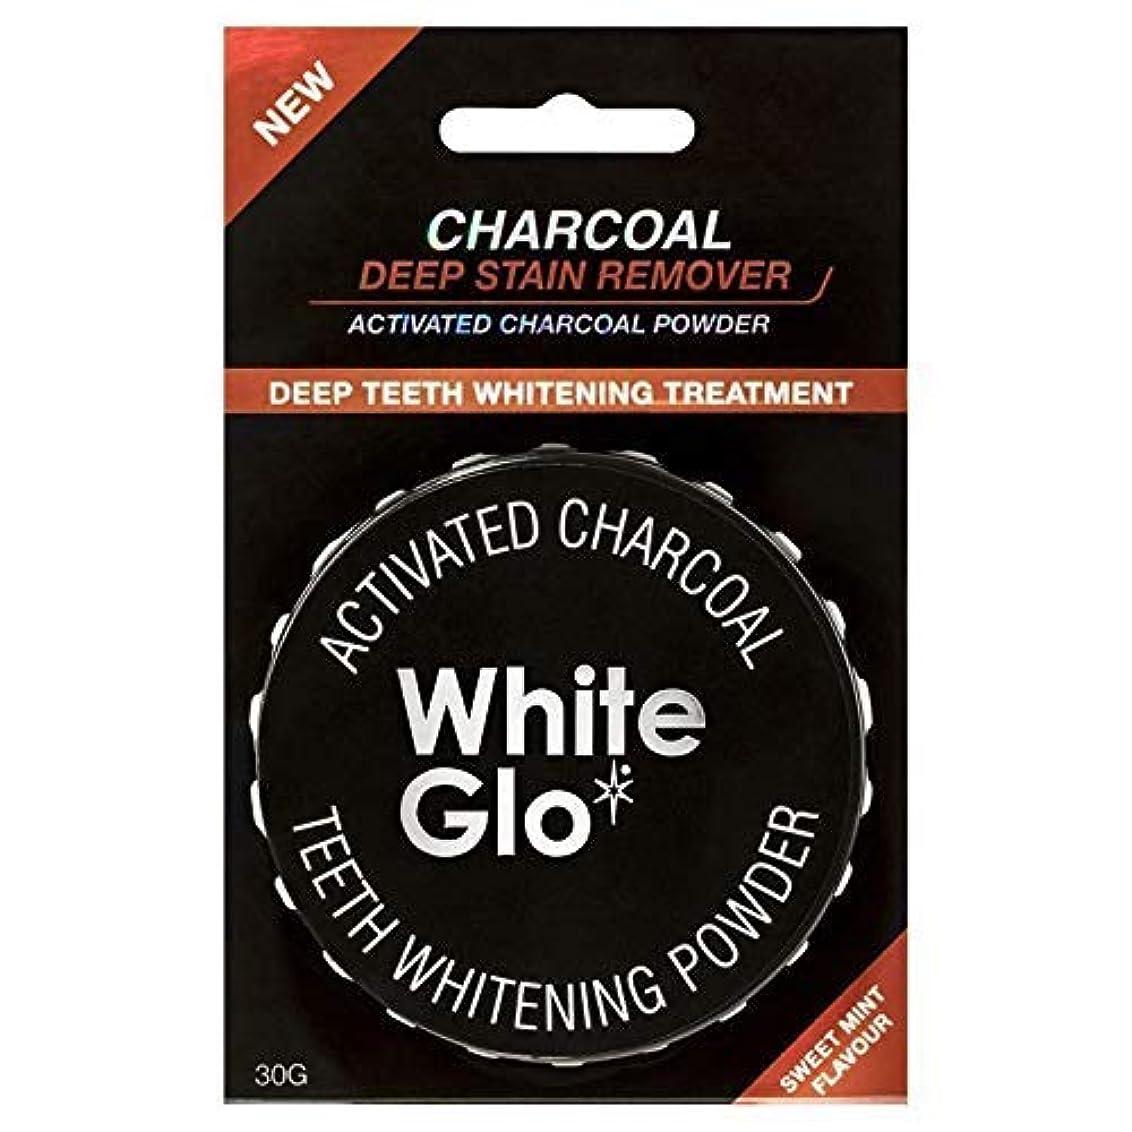 本能インシデントムスTeeth Whitening Systems White Glo Activated Charcoal Teeth Whitening Powder 30g Australia / システムを白くする歯を白くする歯の粉30gオーストラリアを白くする活性炭